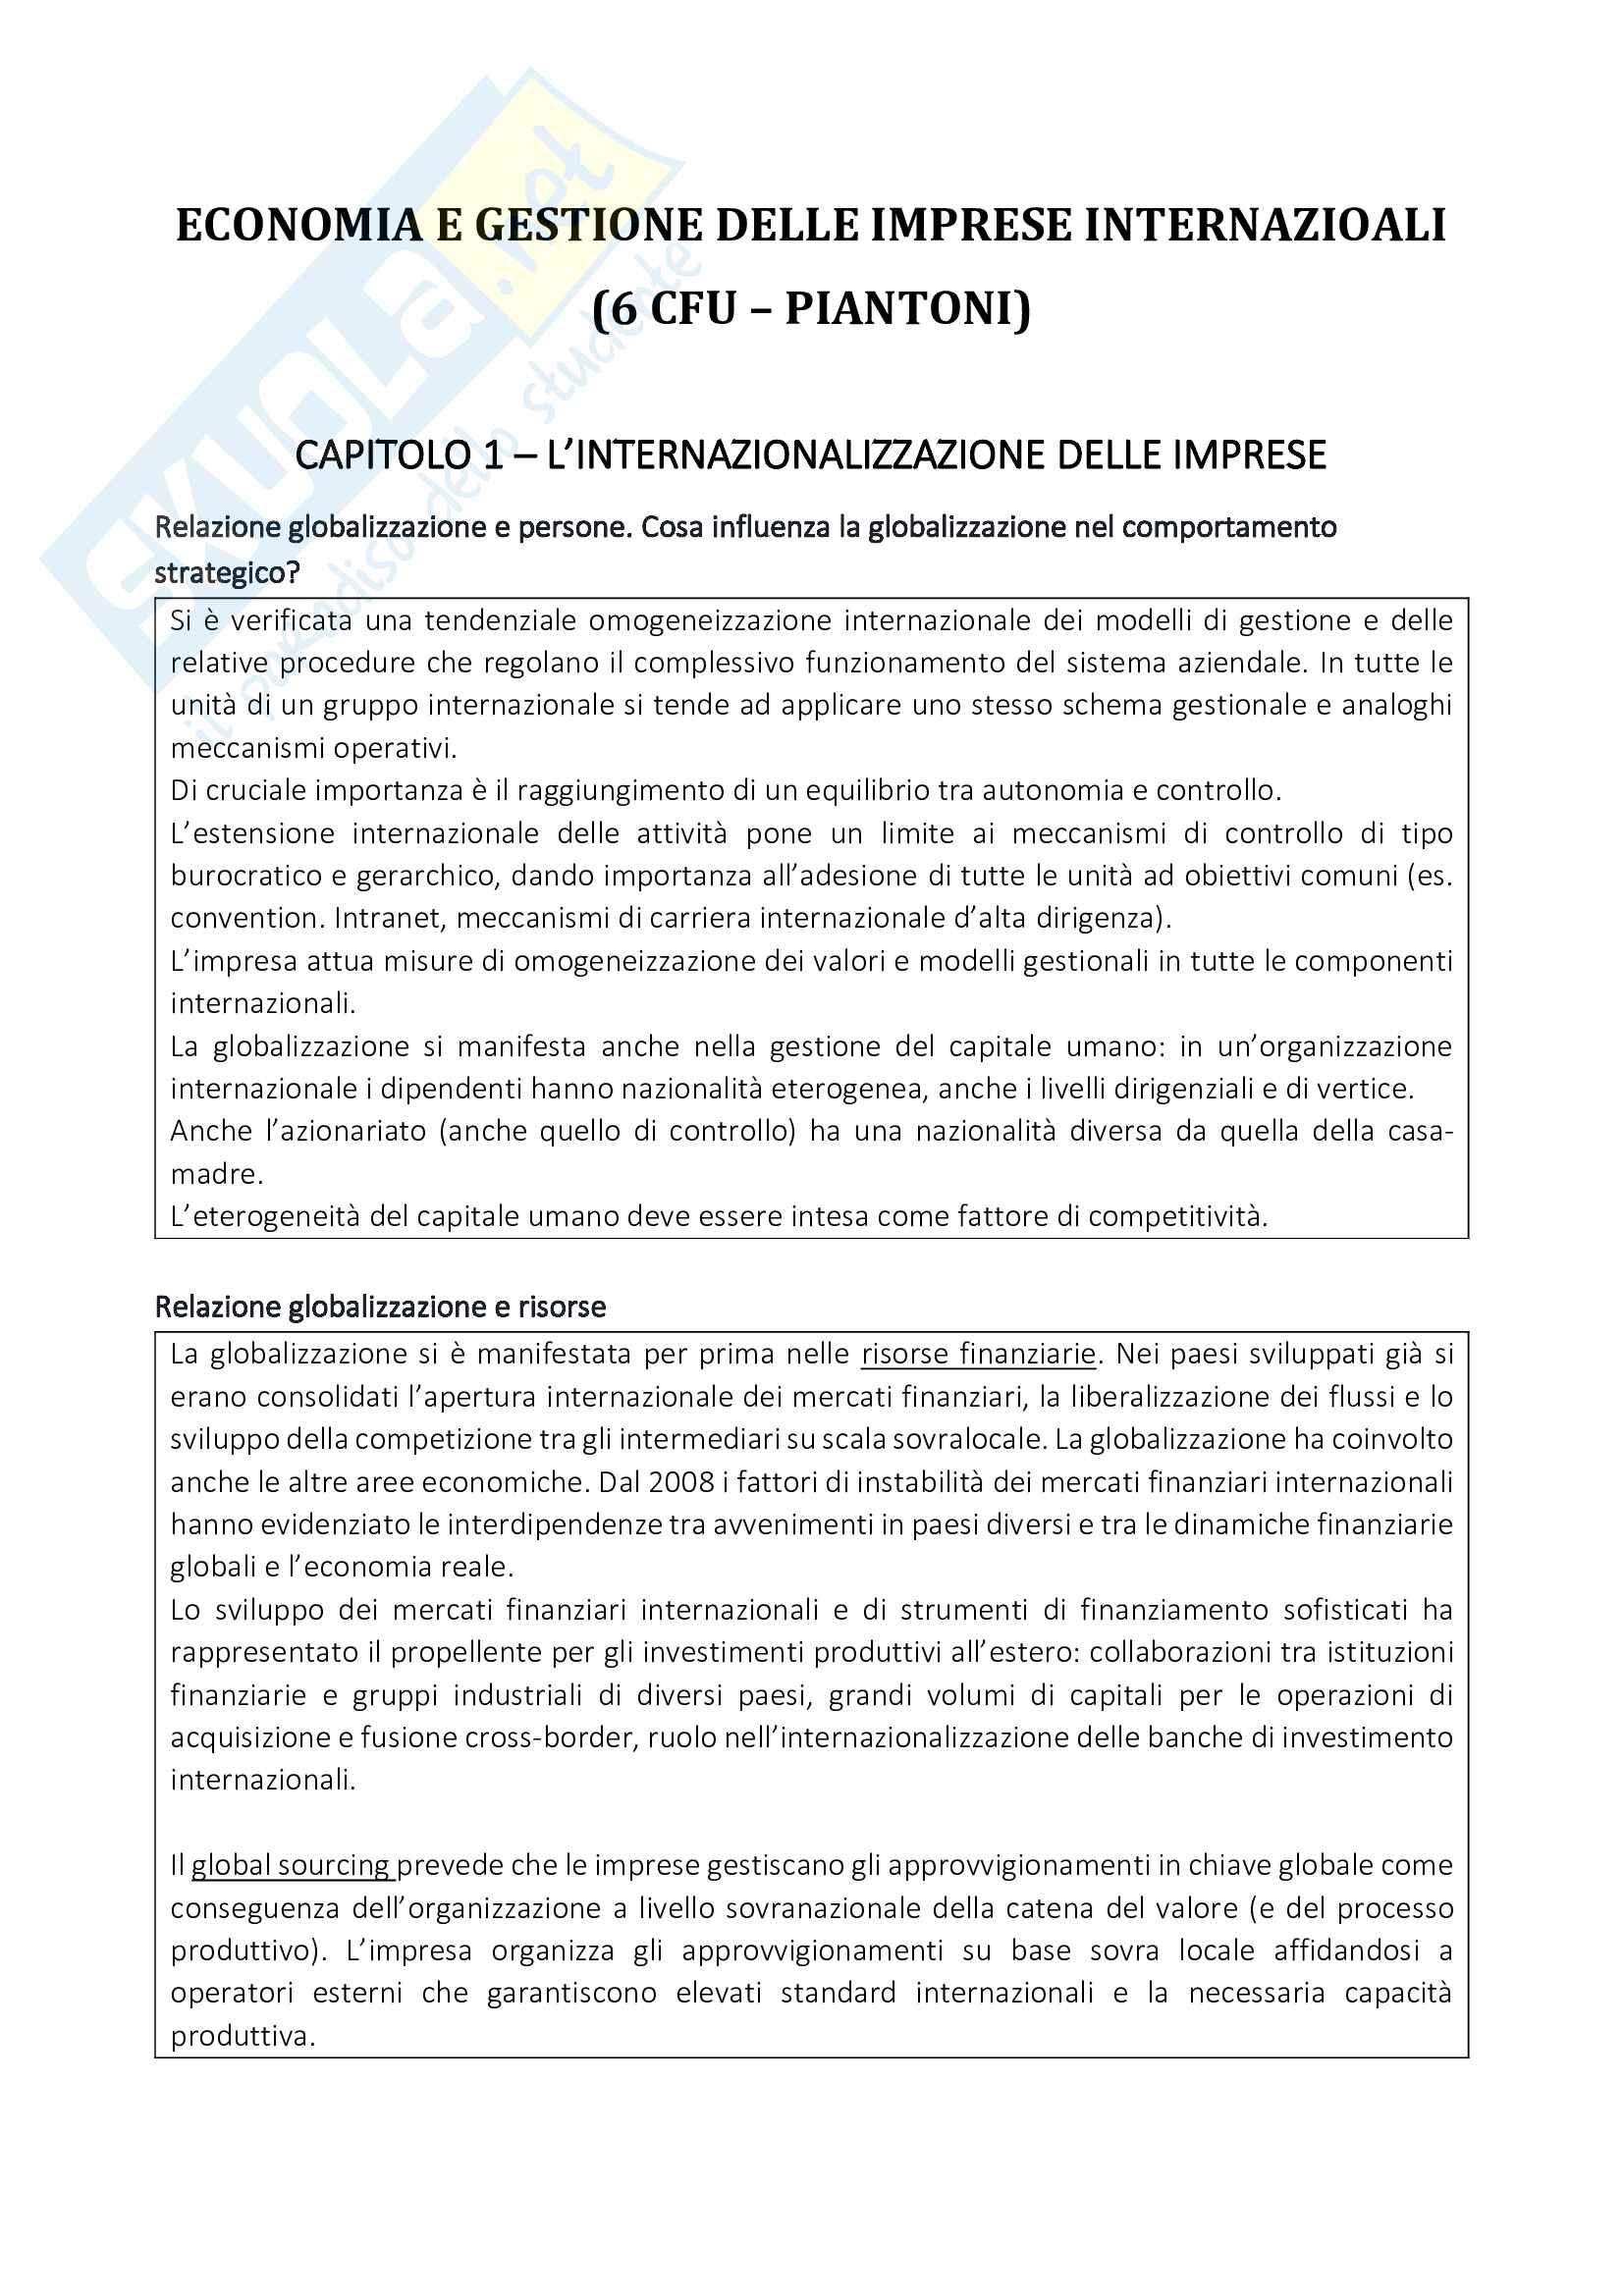 Domande e risposte dell'esame Economia e Gestione delle Imprese Internazionali (6 CFU - Piantoni)